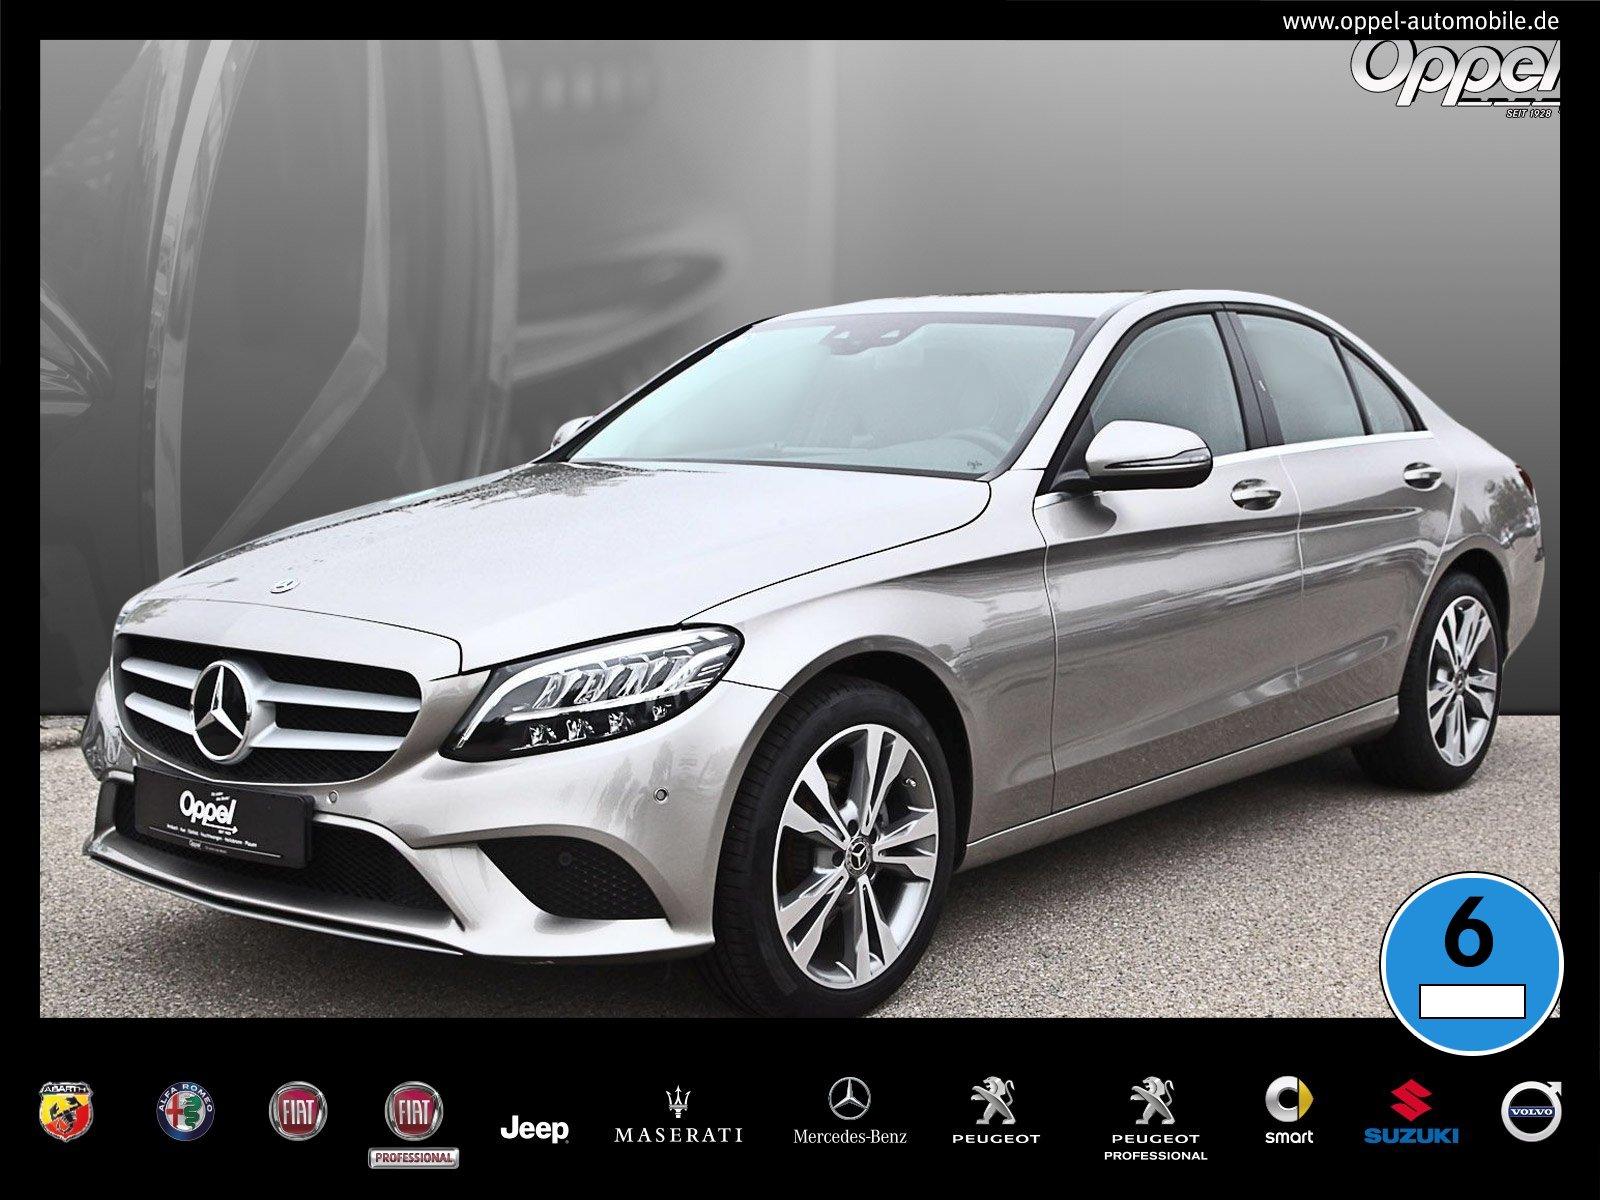 Mercedes-Benz C 160 NAVI+LED+SHZ+RÜCKFAHRKAMERA+TOTWINKL.+9G, Jahr 2019, Benzin